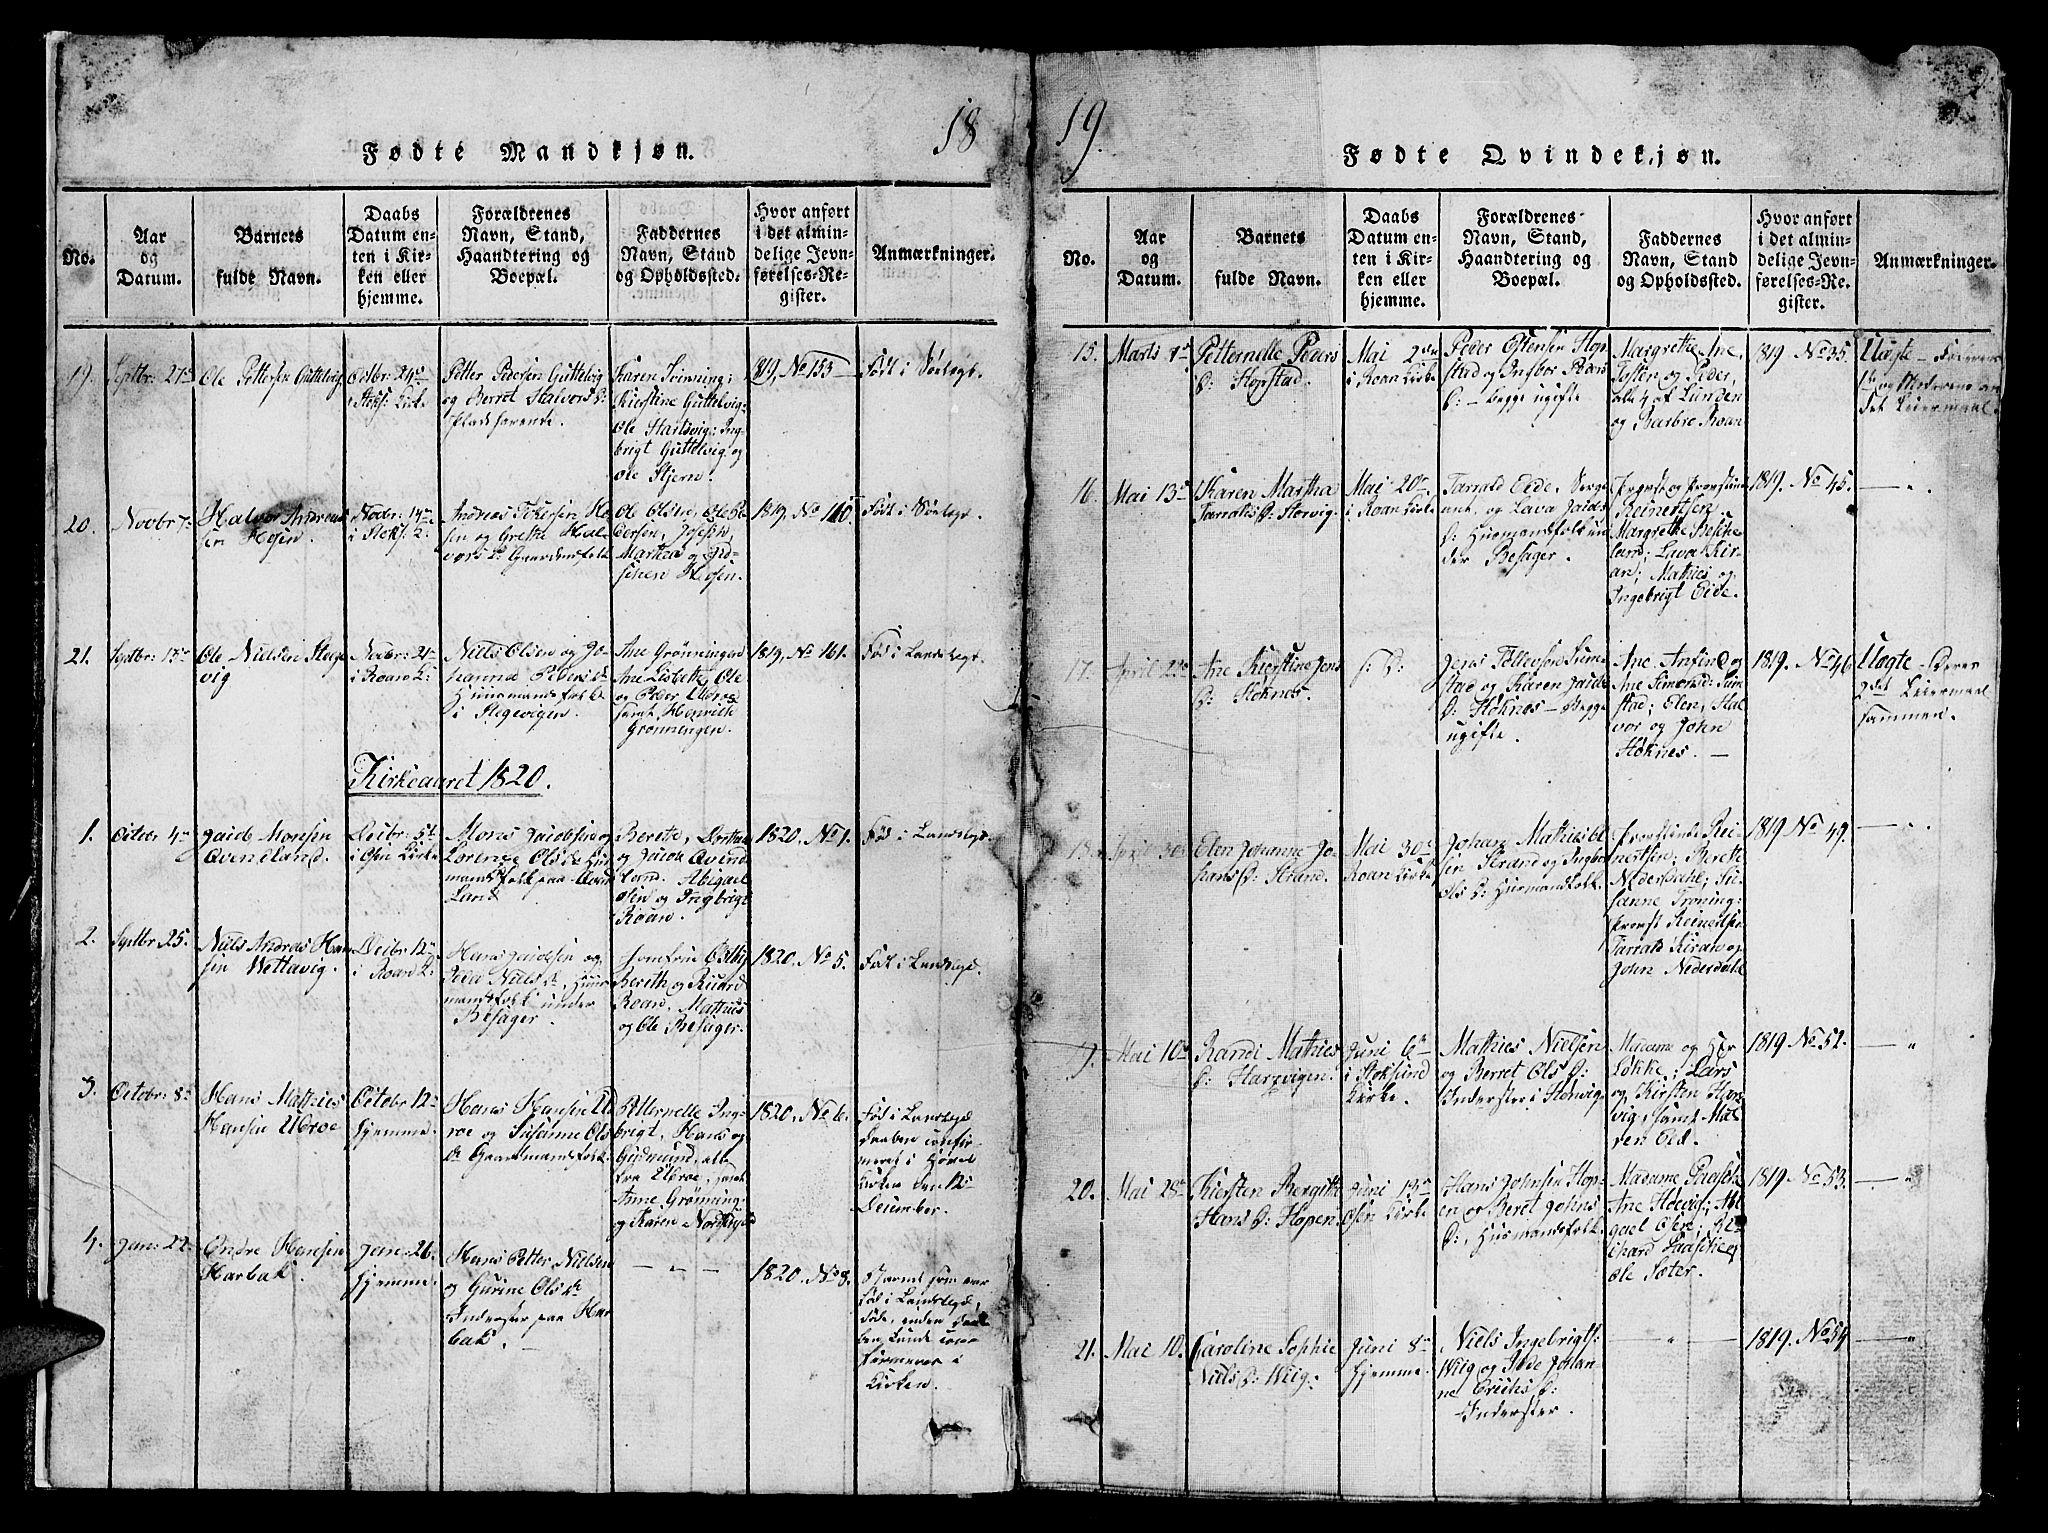 SAT, Ministerialprotokoller, klokkerbøker og fødselsregistre - Sør-Trøndelag, 657/L0714: Klokkerbok nr. 657C01, 1818-1868, s. 9